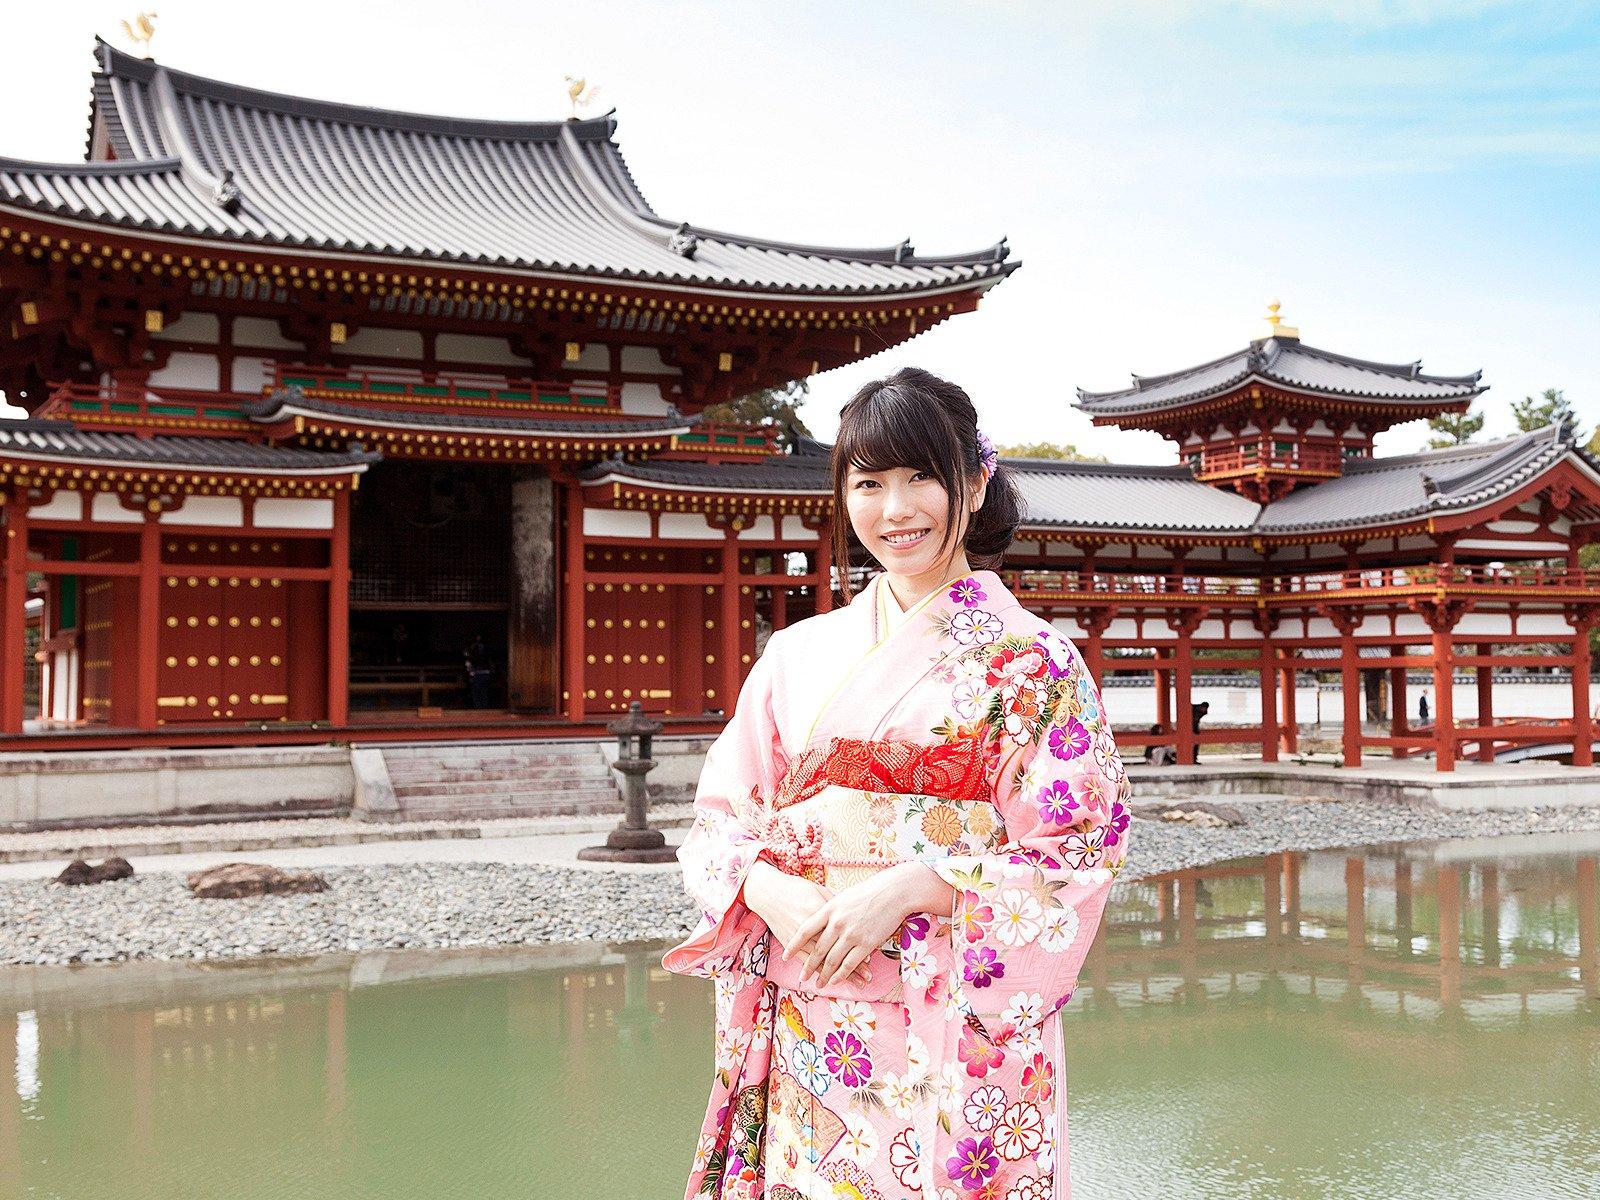 21. 平安貴族の別荘地・宇治 横山由依(AKB48)がはんなり巡る 京都 いろどり日記